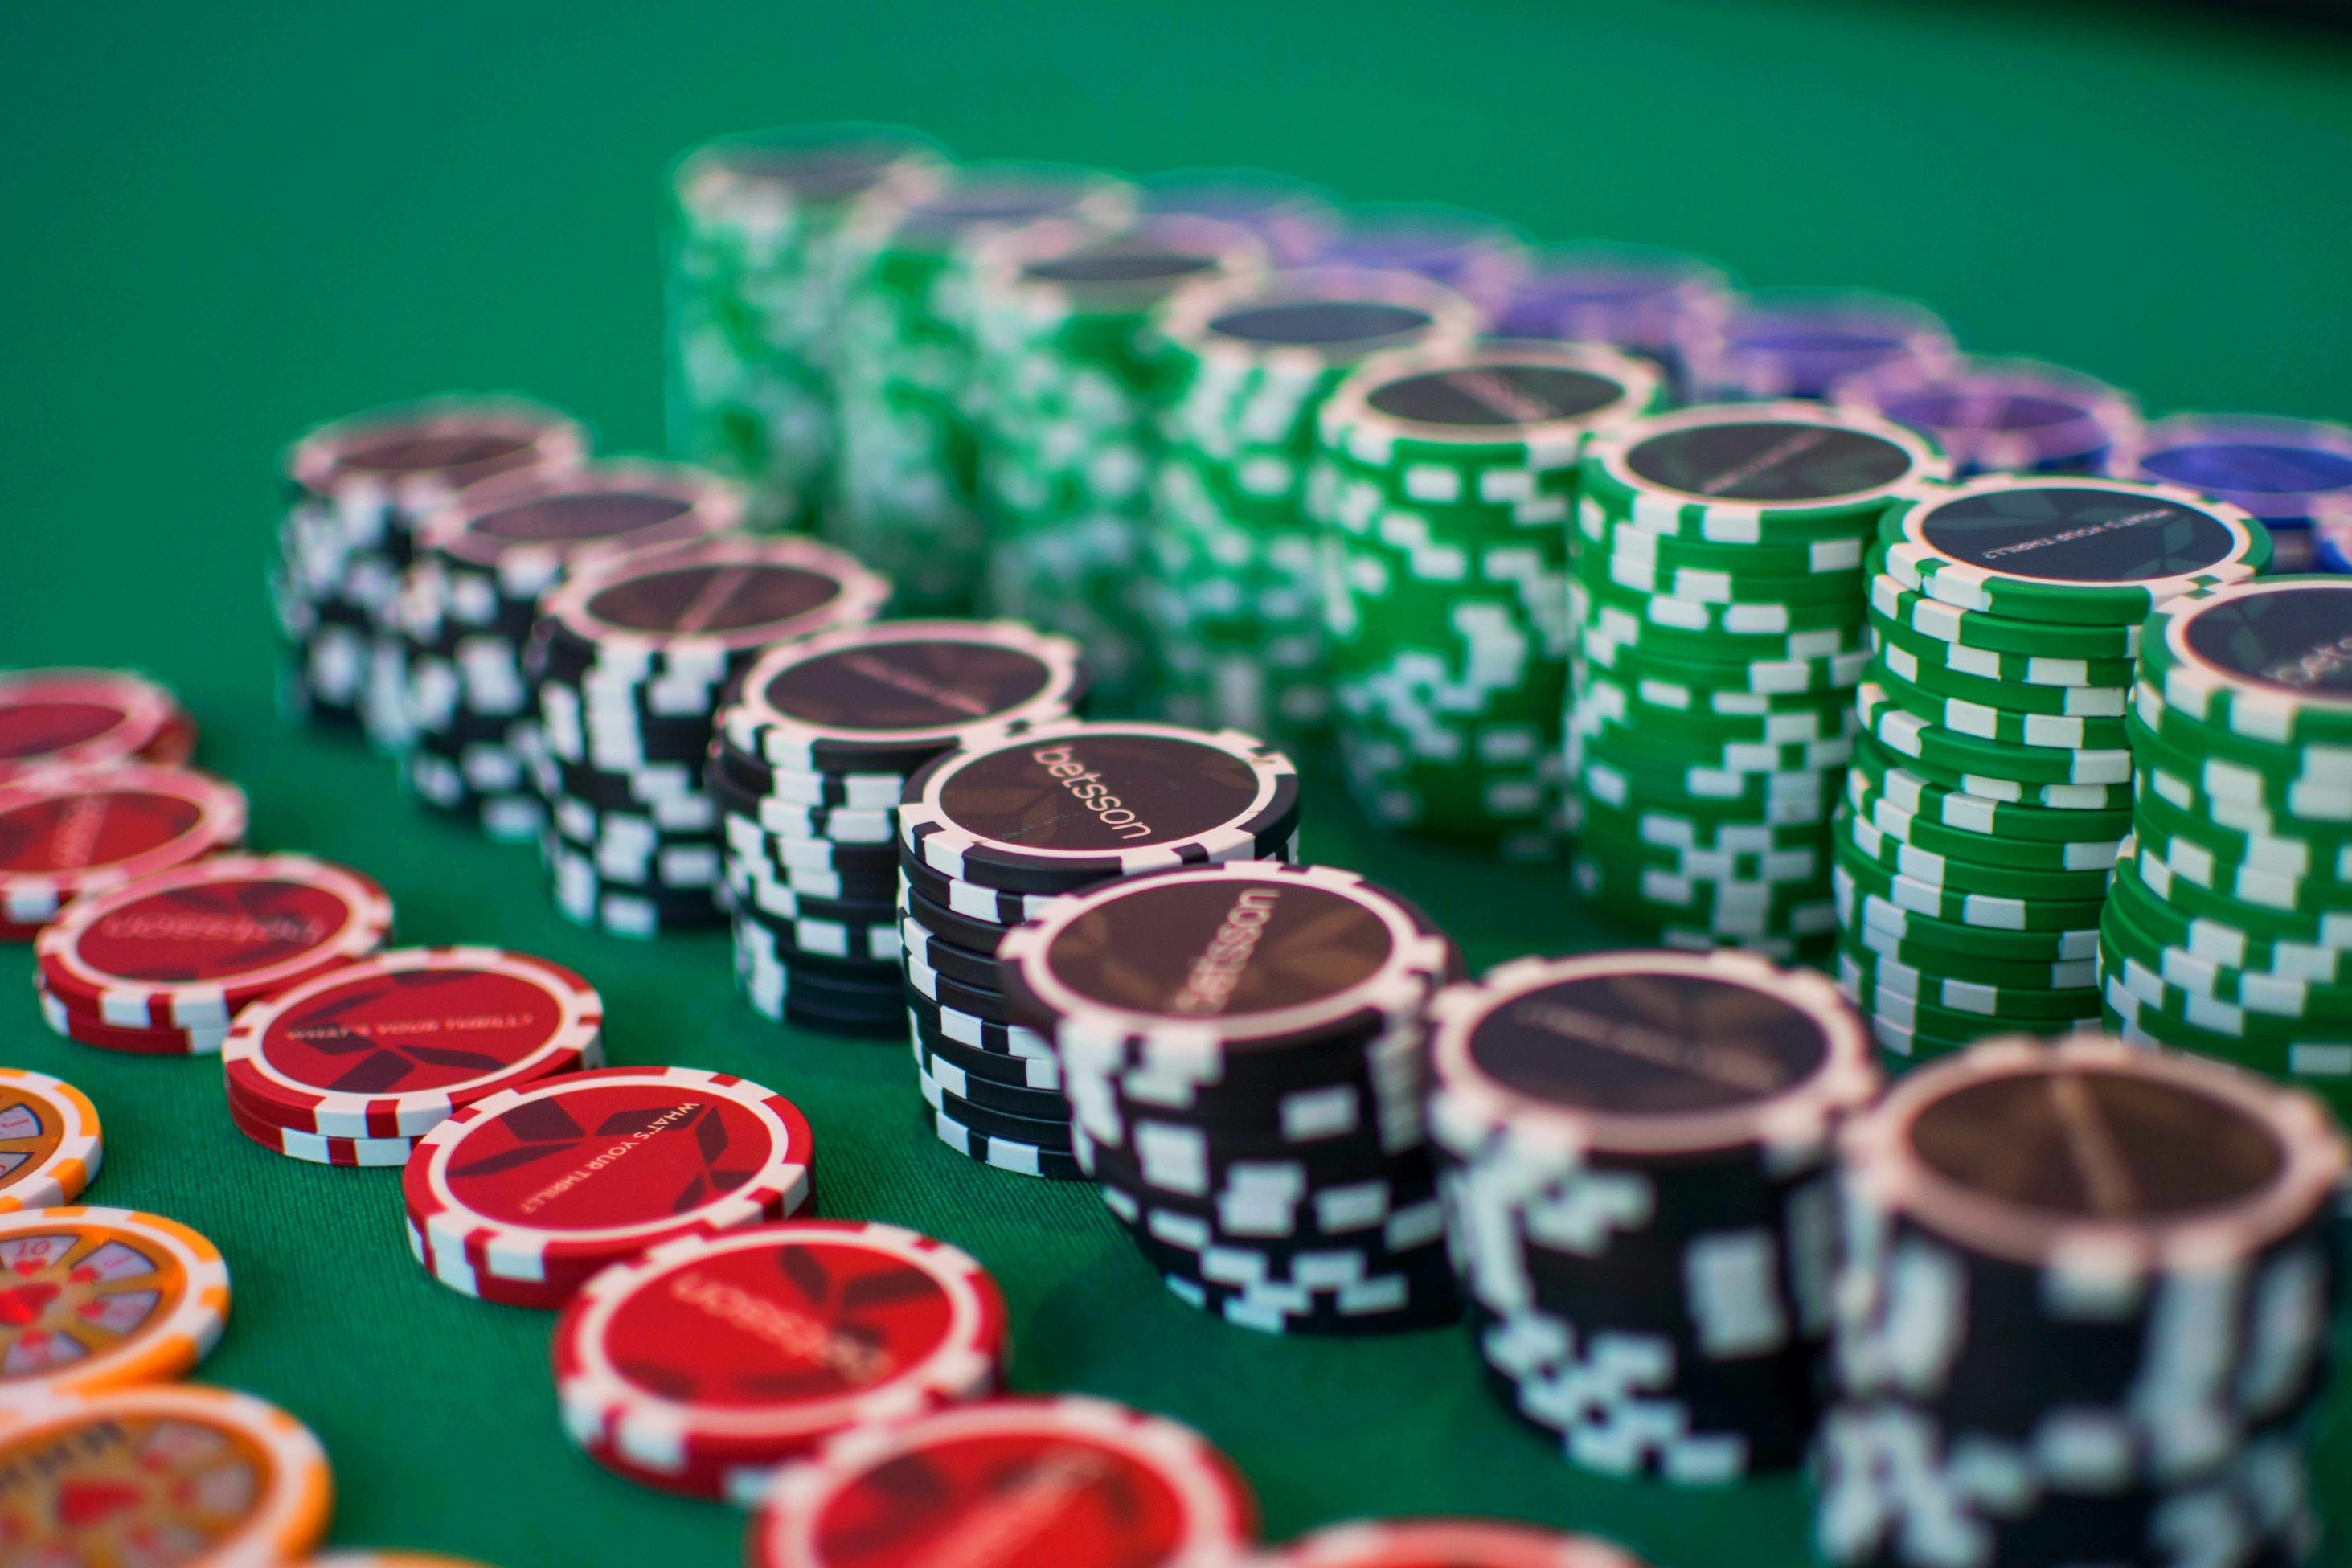 игра номер Зеленый цвет круг Спекулировать карта казино Азартные игры Игры Игра Чипсы Покер Рулетка Внутренние